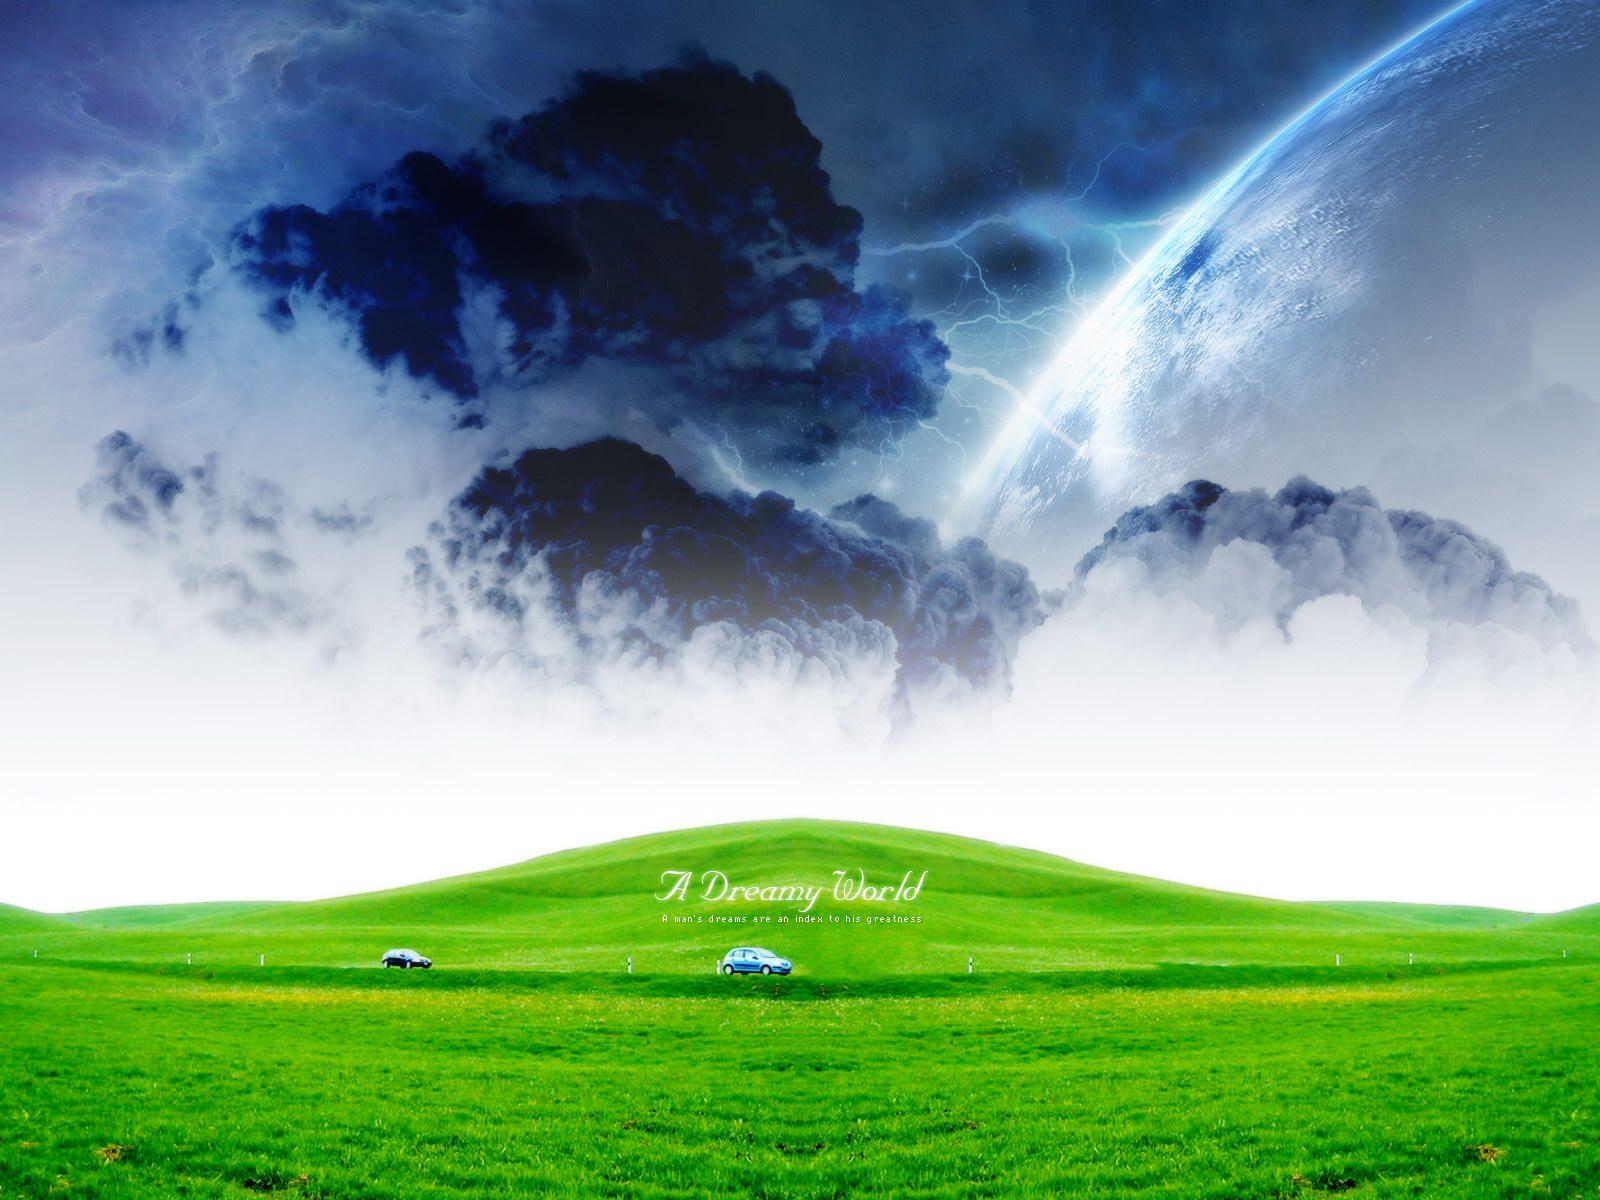 如梦天堂超酷风景2(1600x1200)壁纸 - 桌面壁纸【壁纸